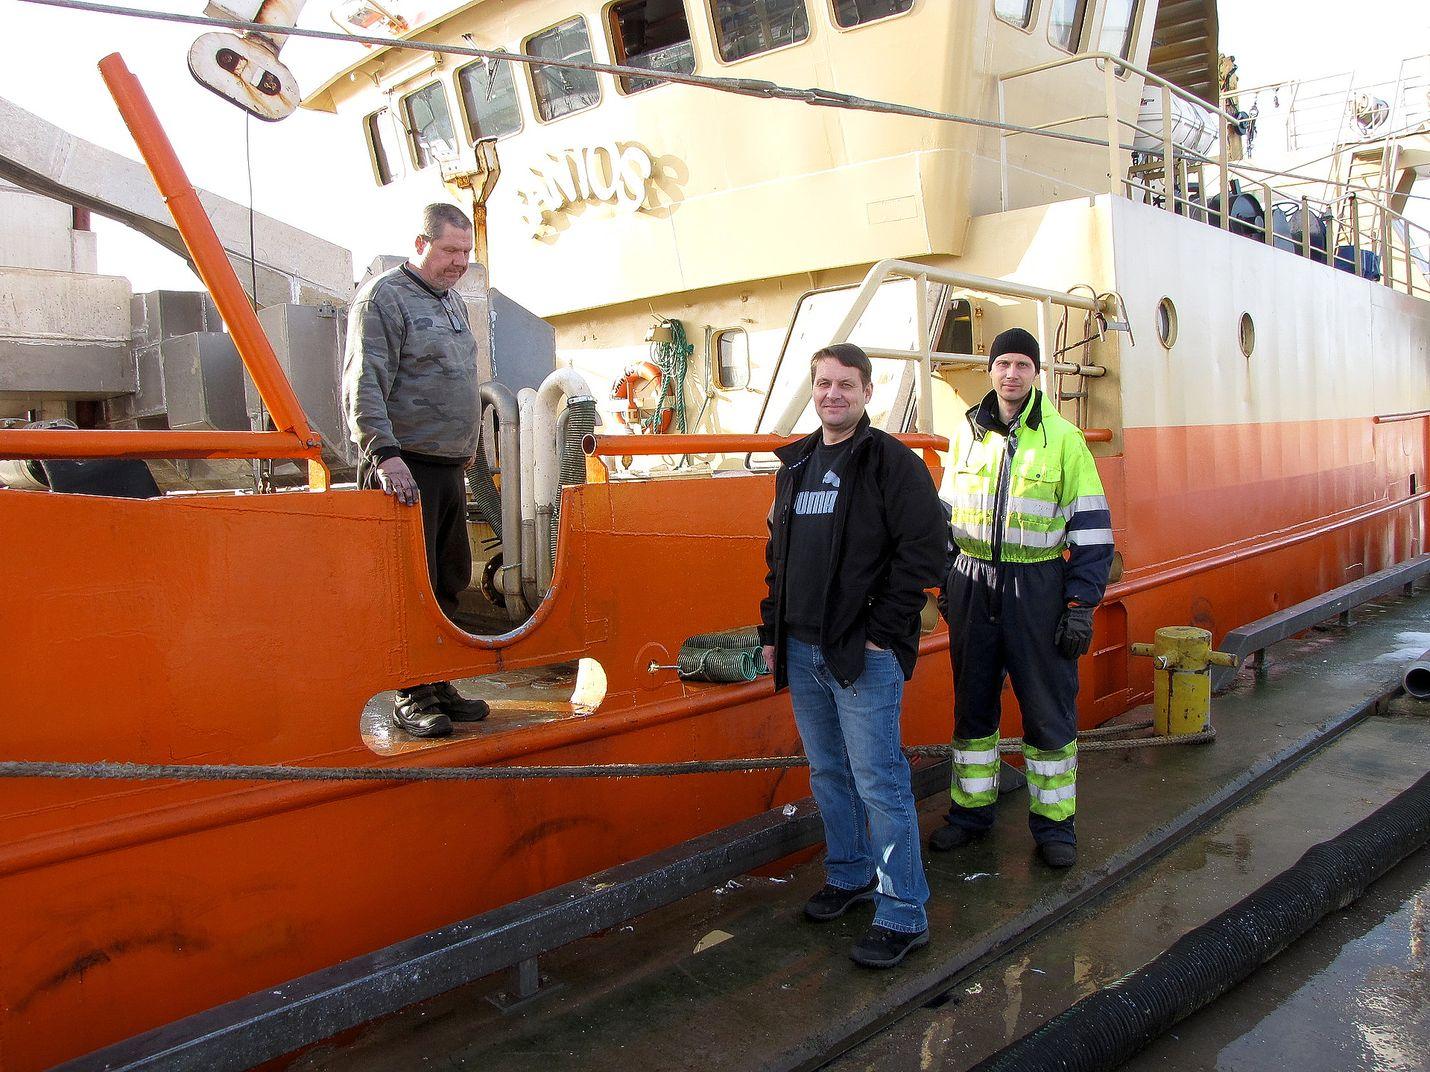 Seppo Tervamäki sekä Tommi ja Teemu Lindroth puivat hankalaa tilannetta keskiviikkona Uudenkaupungin satamassa, jossa Tervamäen troolari Santos oli laiturissa. Lindrothien Olympos ja Laguna vetivät samaan aikaan troolia lähellä Ruotsin rannikkoa.